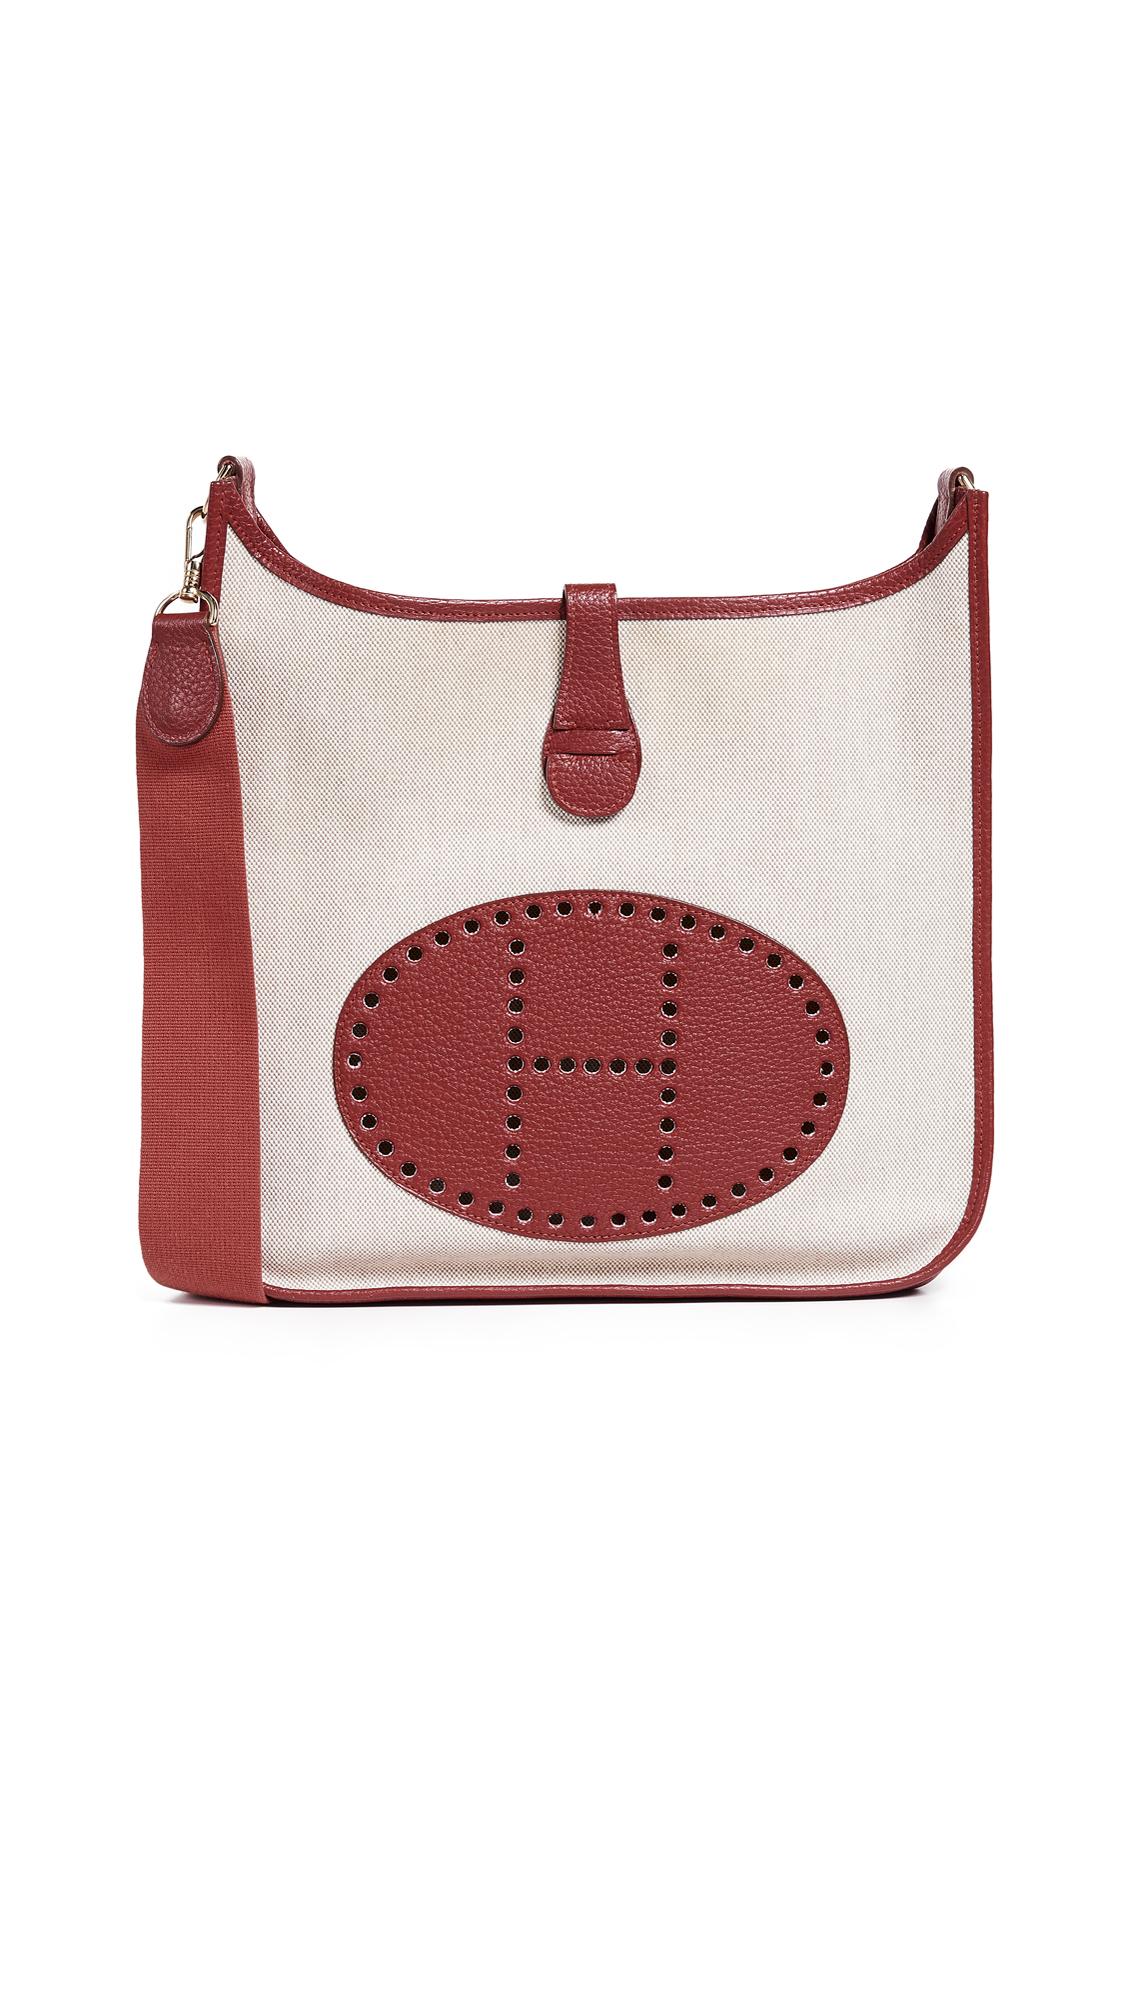 Hermes Red Toile Evelyne I Pm Bag